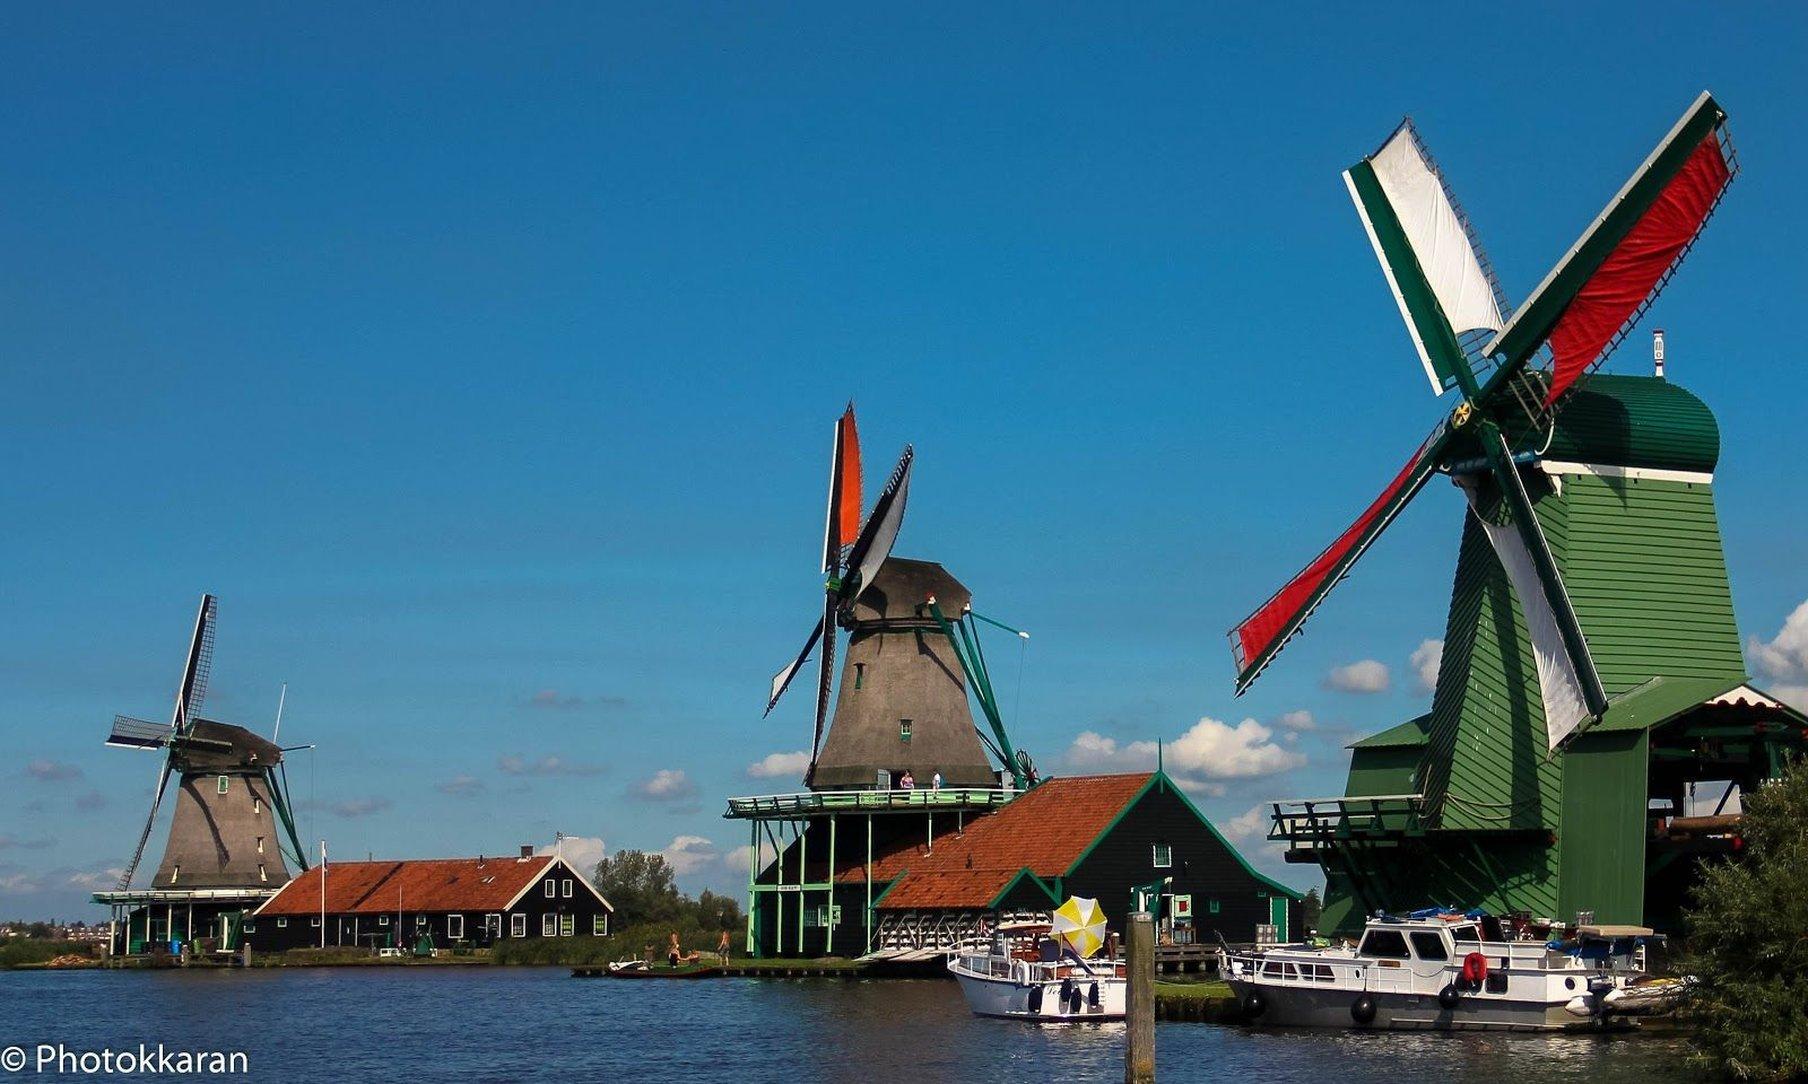 Nederland casino leeftijd